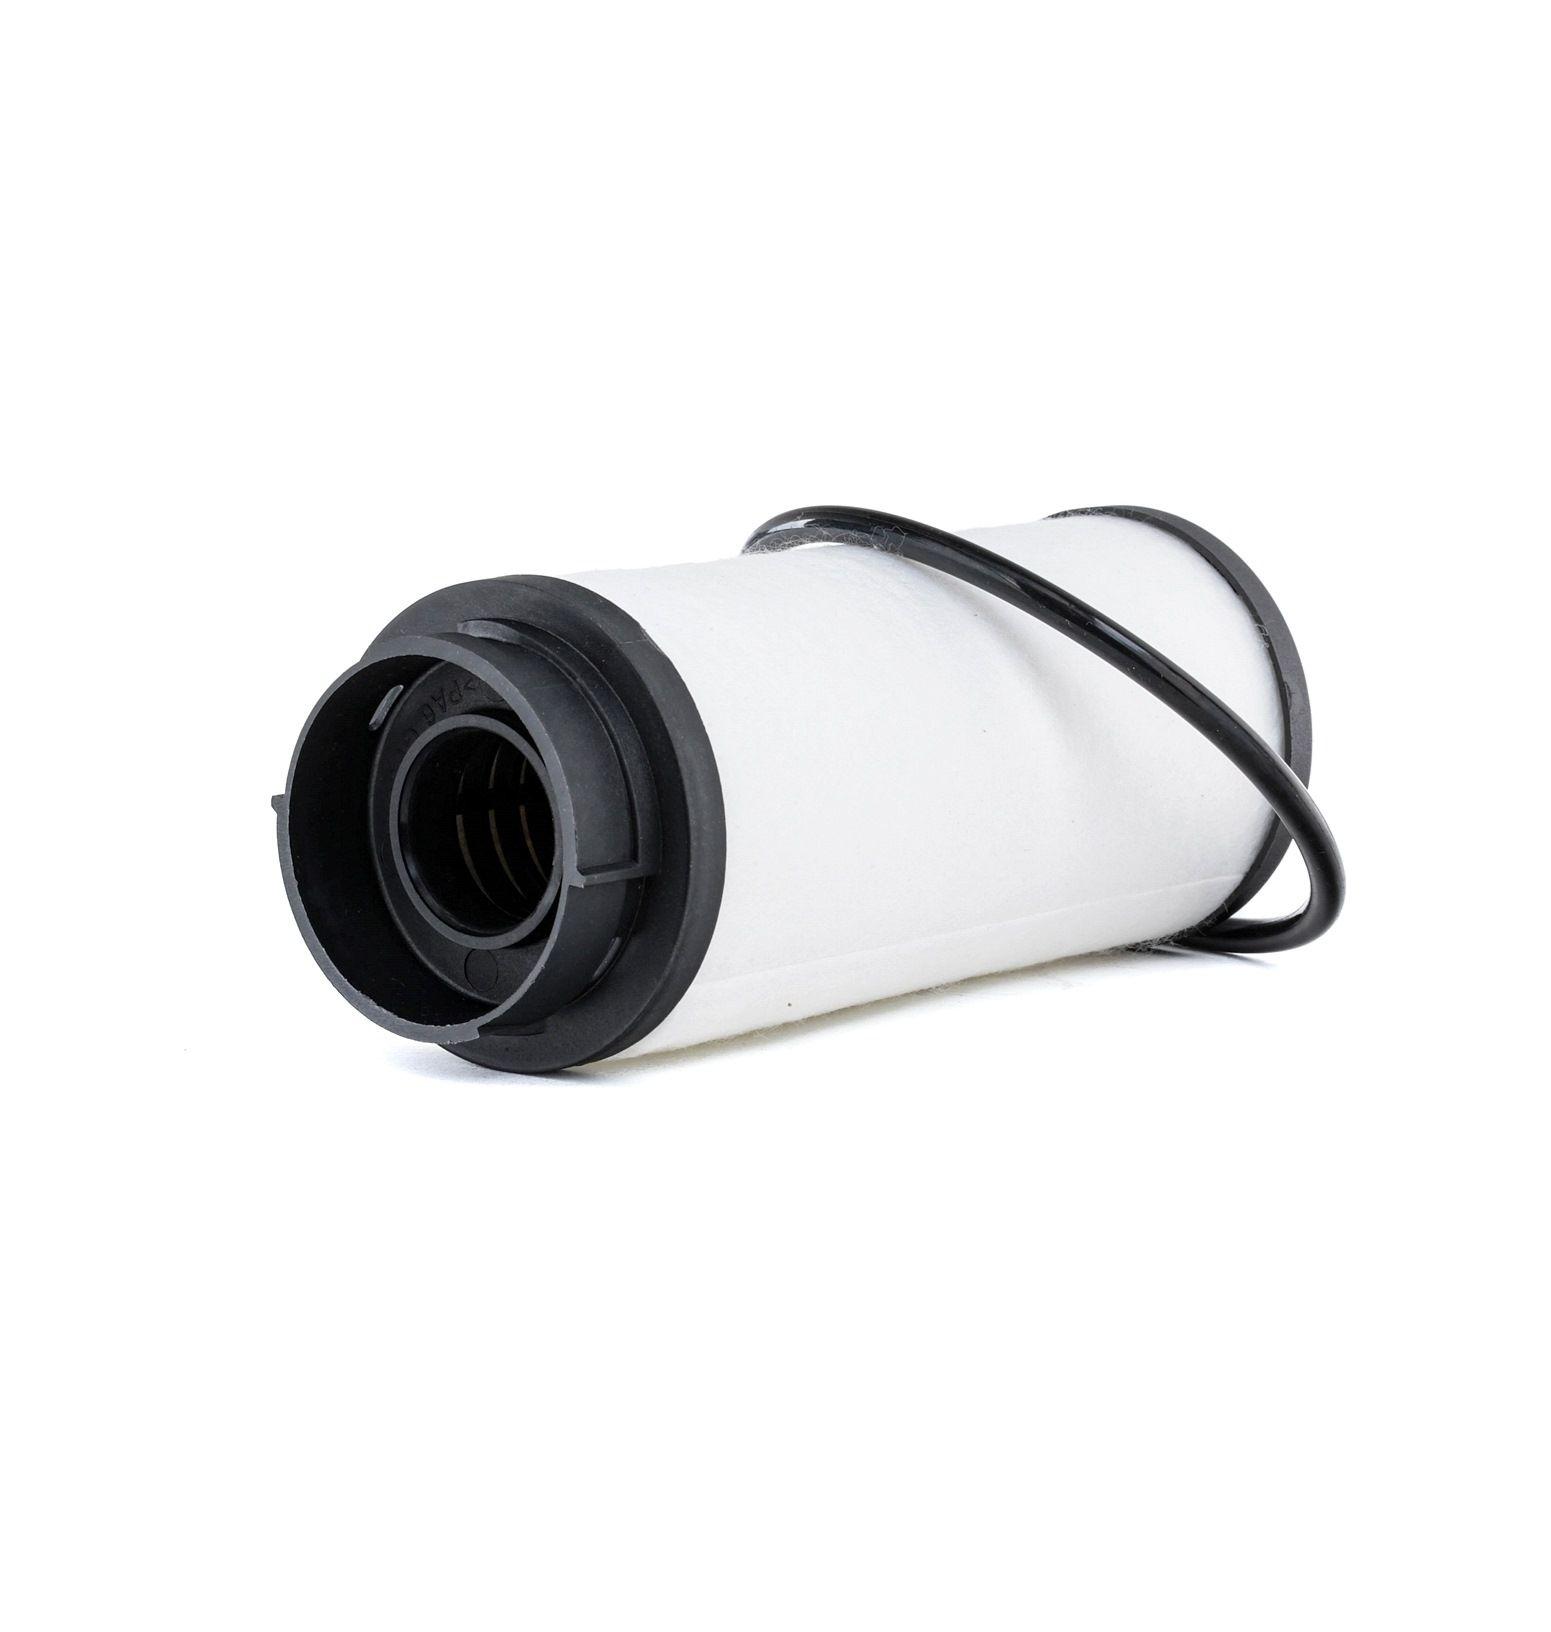 Achetez des Filtre à carburant RIDEX 9F0222 à prix modérés